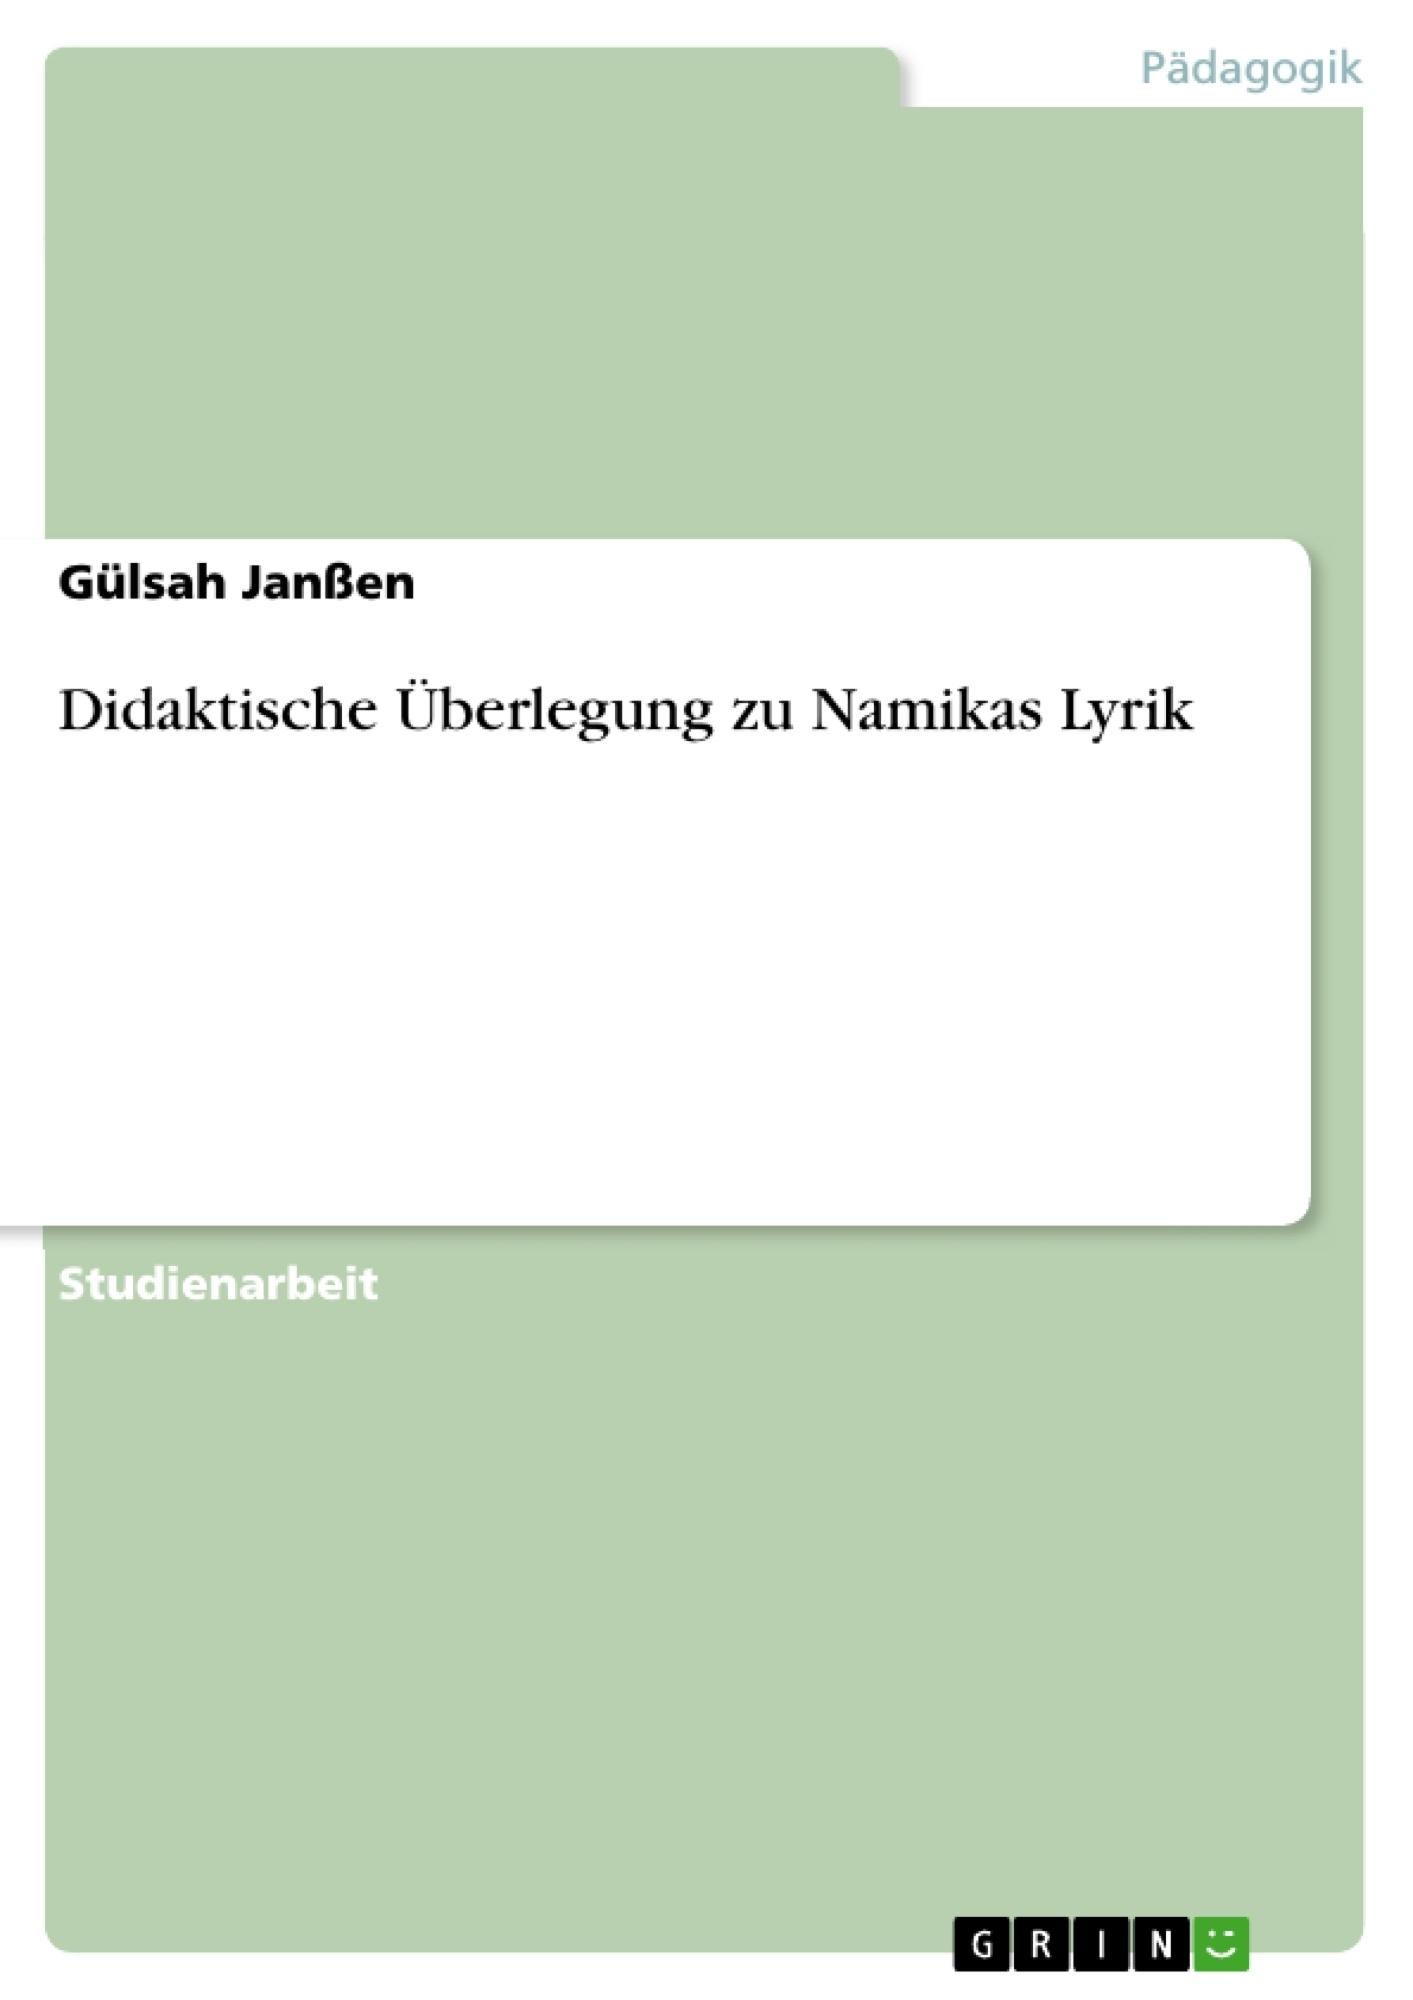 Titel: Didaktische Überlegung zu Namikas Lyrik